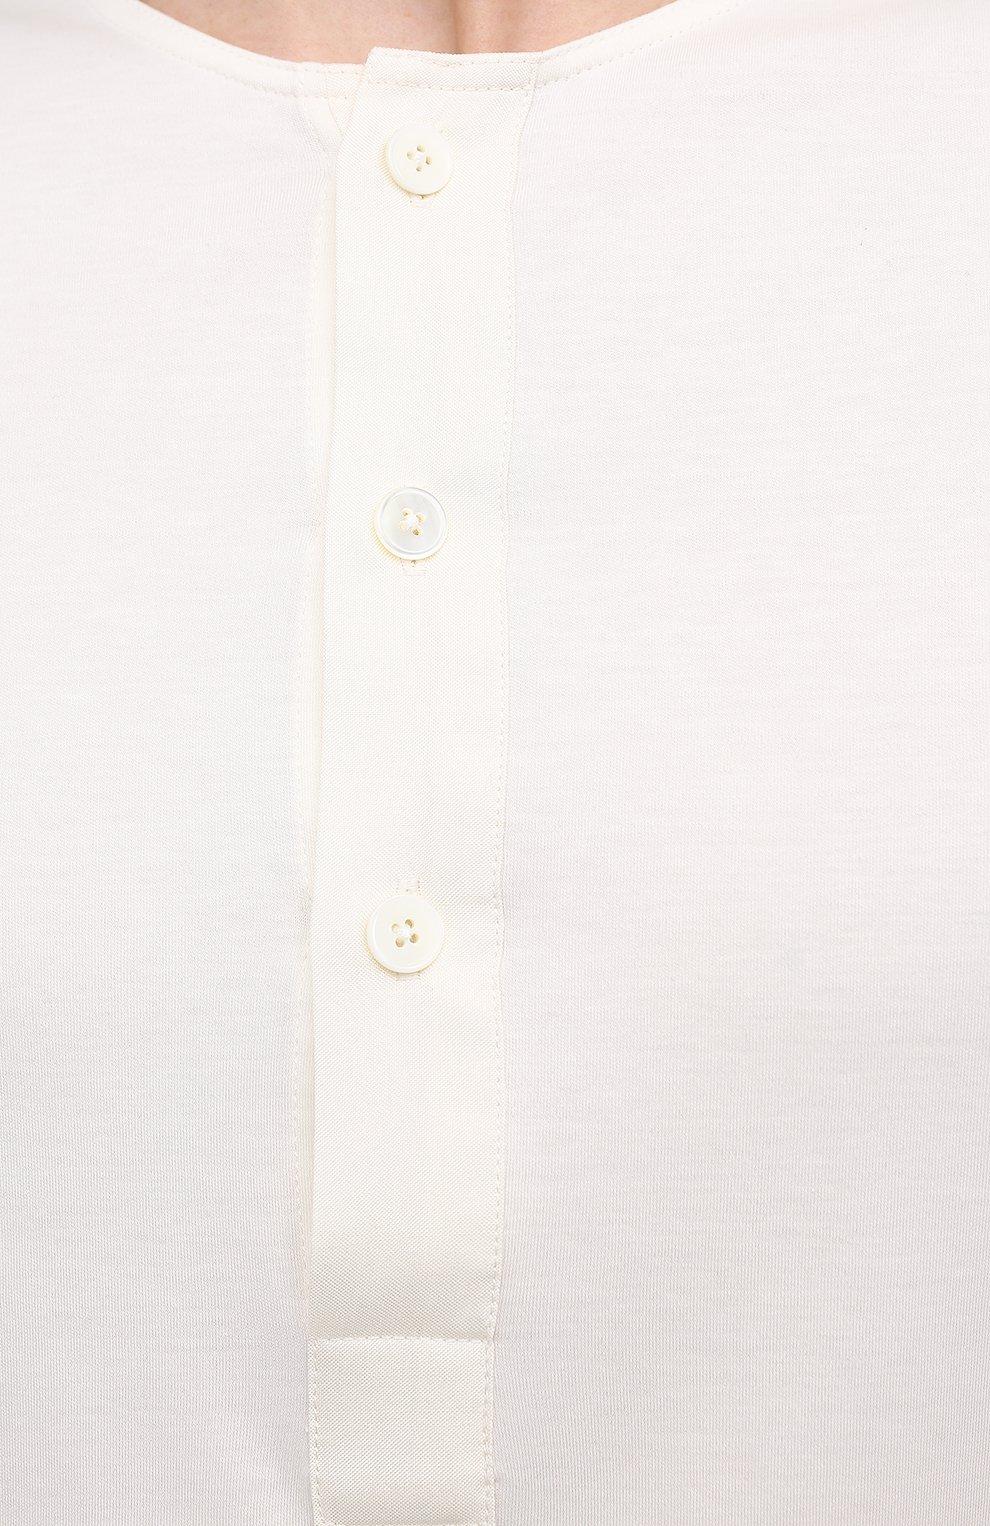 Мужская лонгслив из хлопка и шелка ERMENEGILDO ZEGNA белого цвета, арт. UW322/816   Фото 5 (Материал внешний: Шелк, Хлопок; Рукава: Длинные; Принт: Без принта; Длина (для топов): Стандартные; Стили: Кэжуэл)